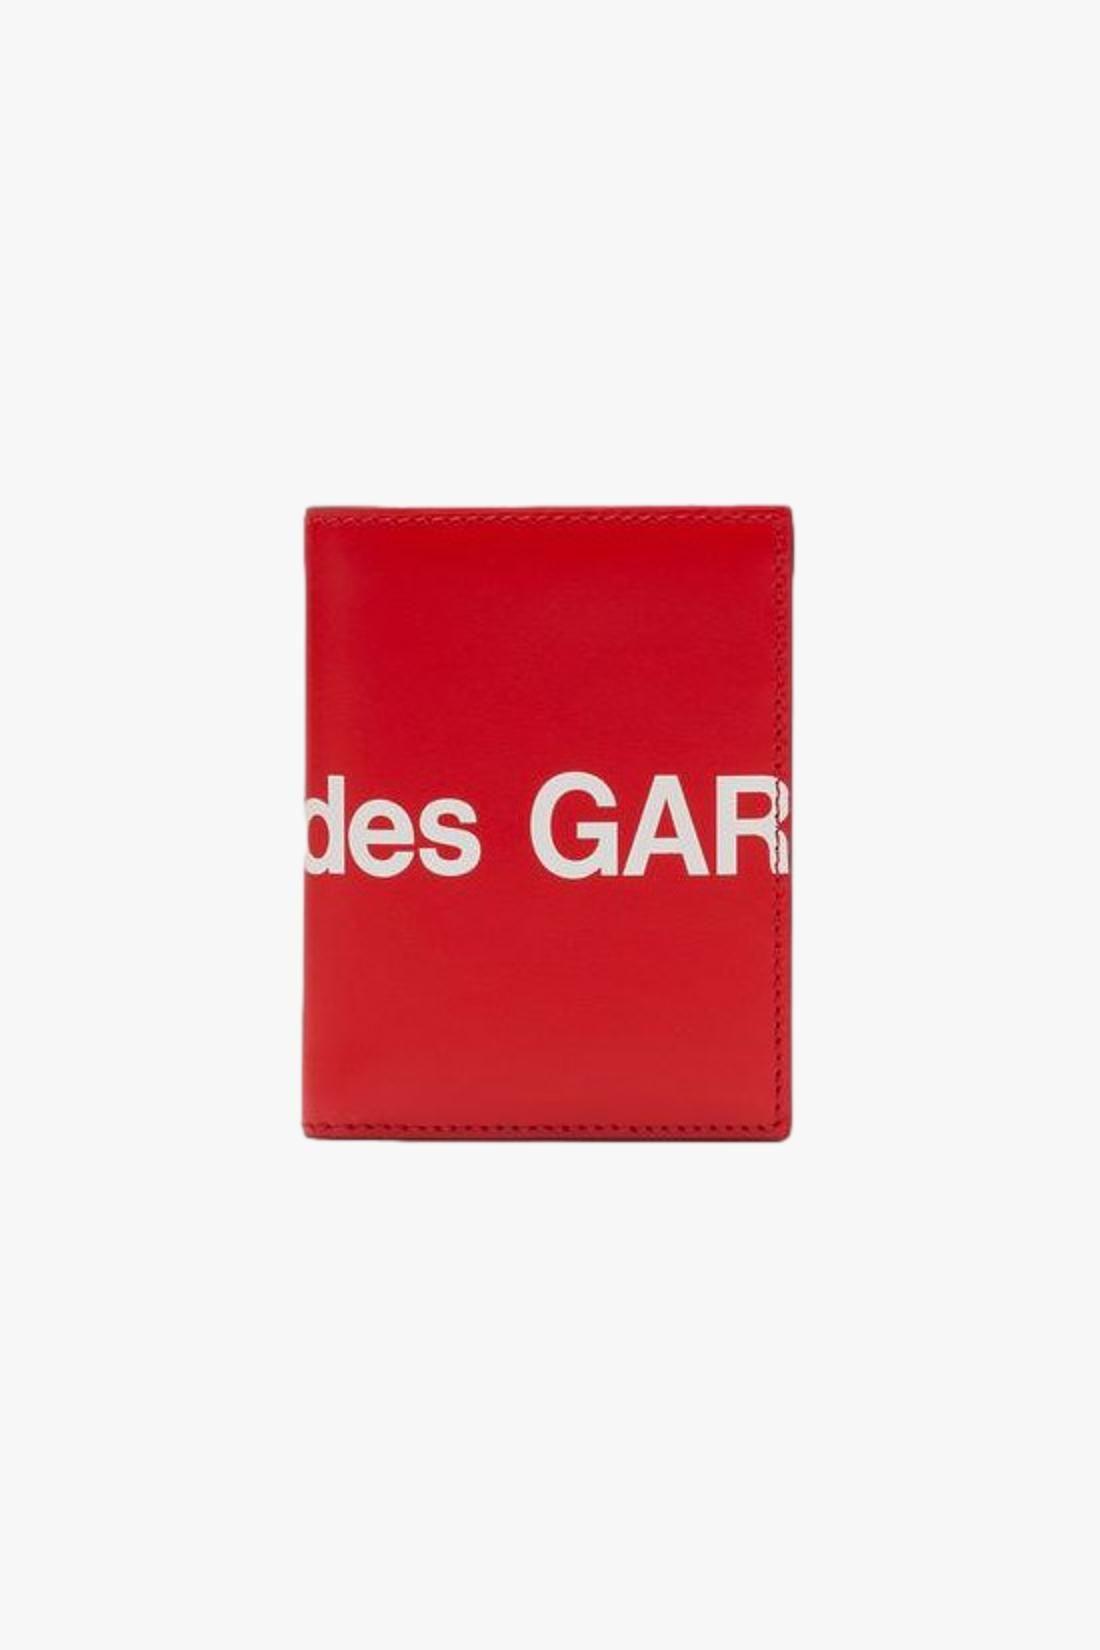 COMME DES GARÇONS WALLETS / Cdg huge logo wallet sa0641hl Red